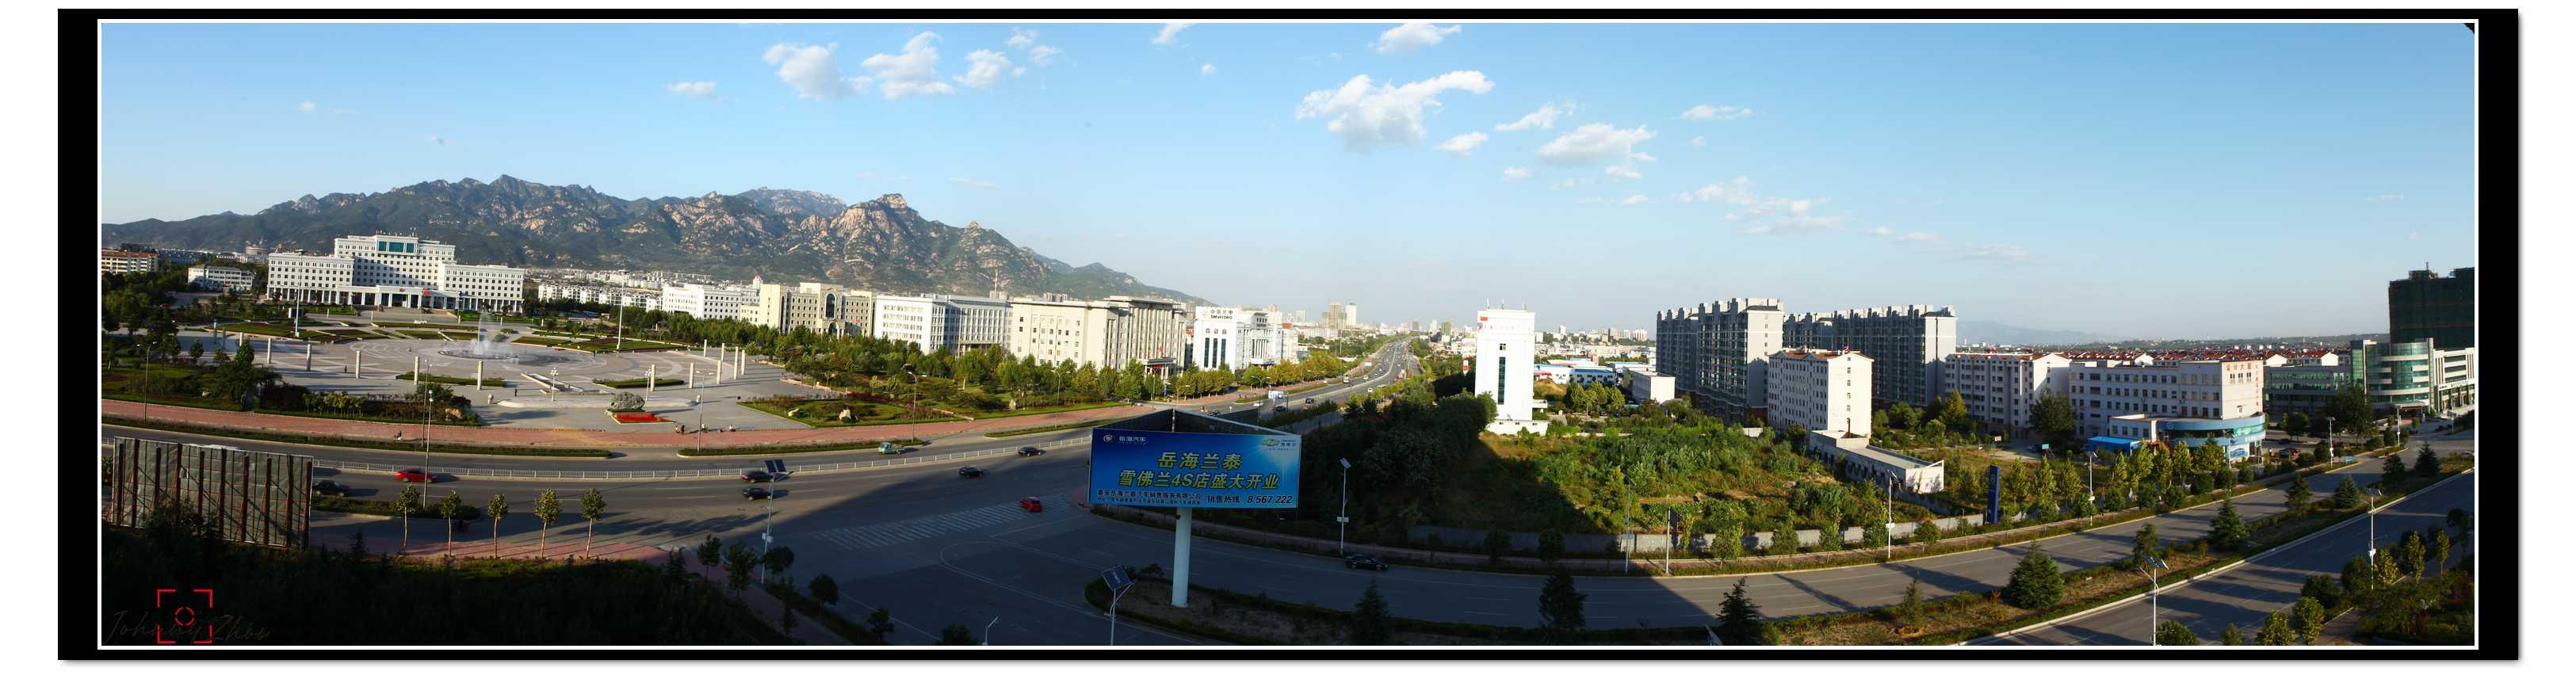 岱岳大全景图 27.jpg